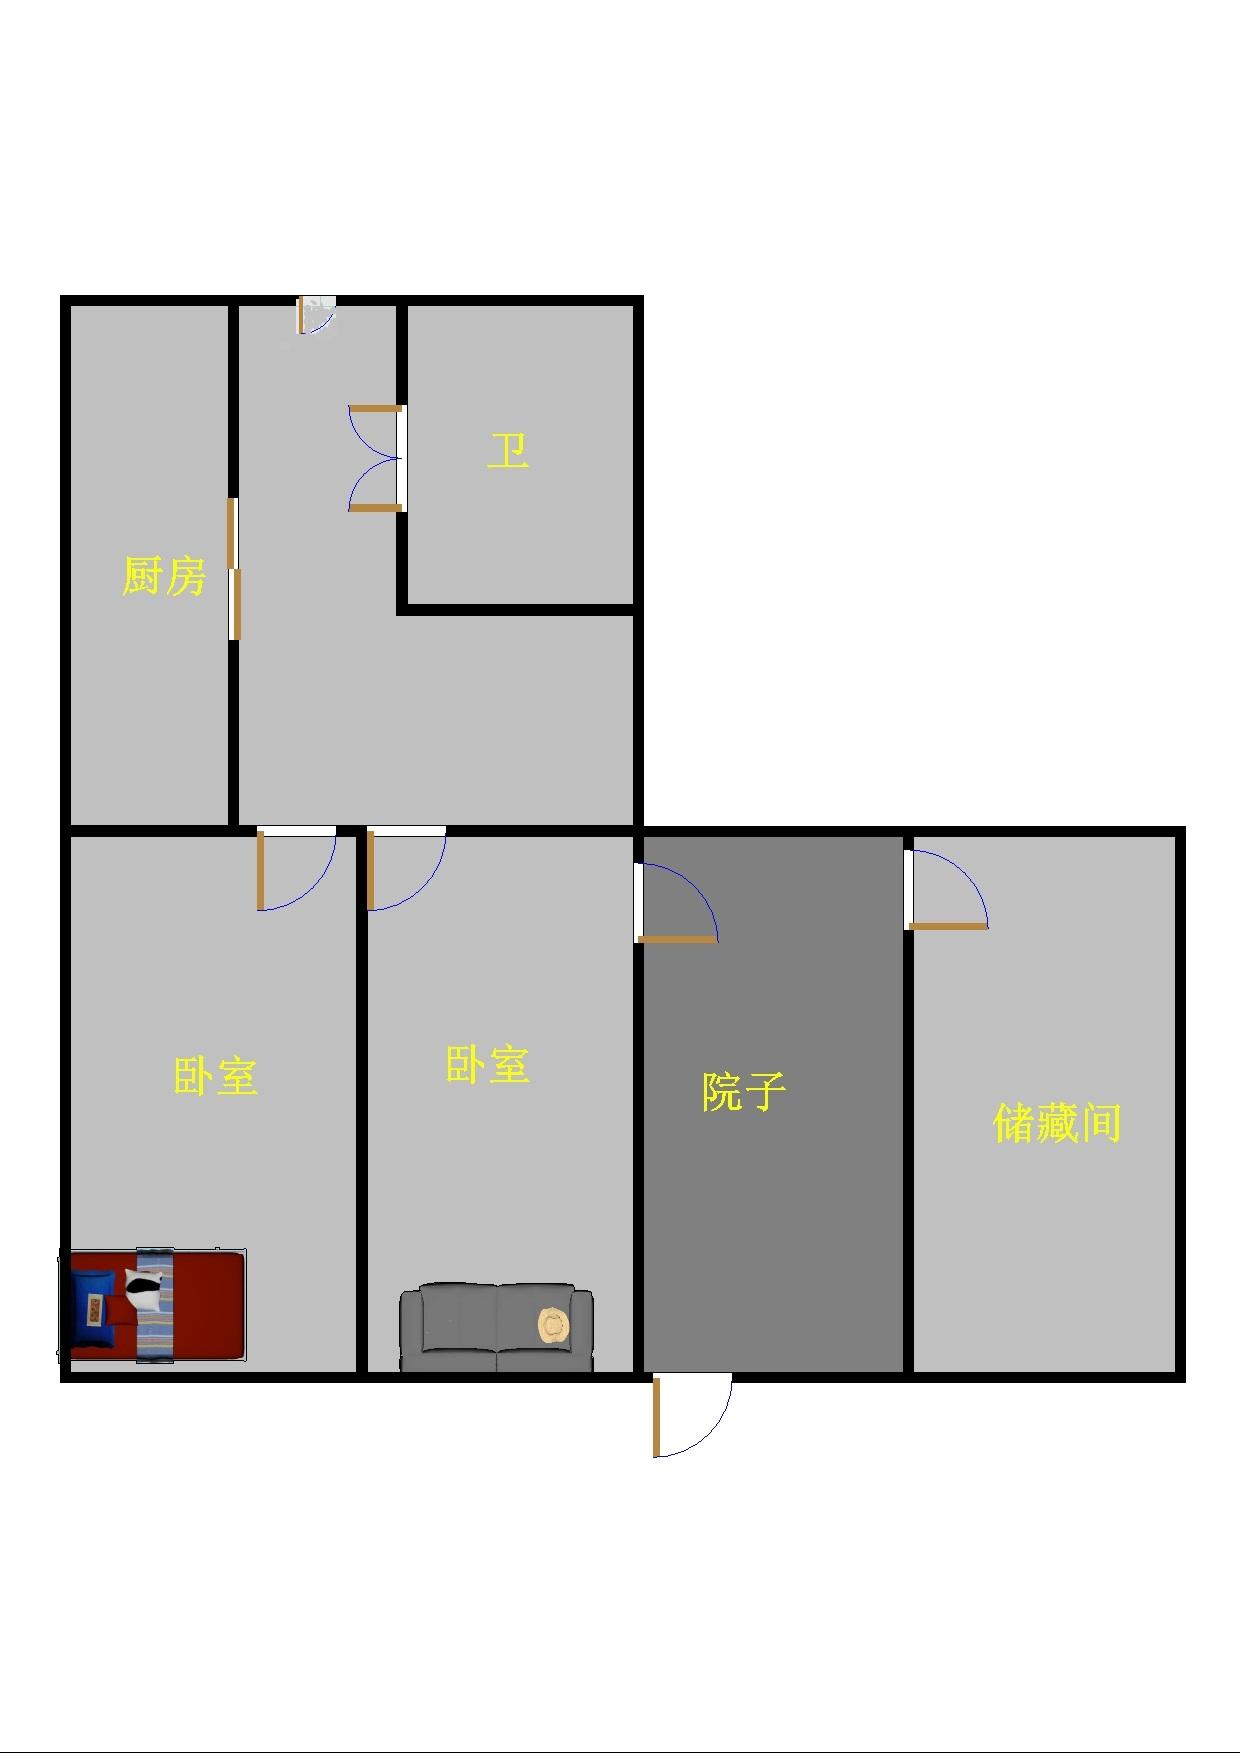 二棉宿舍 1室1厅  精装 75万